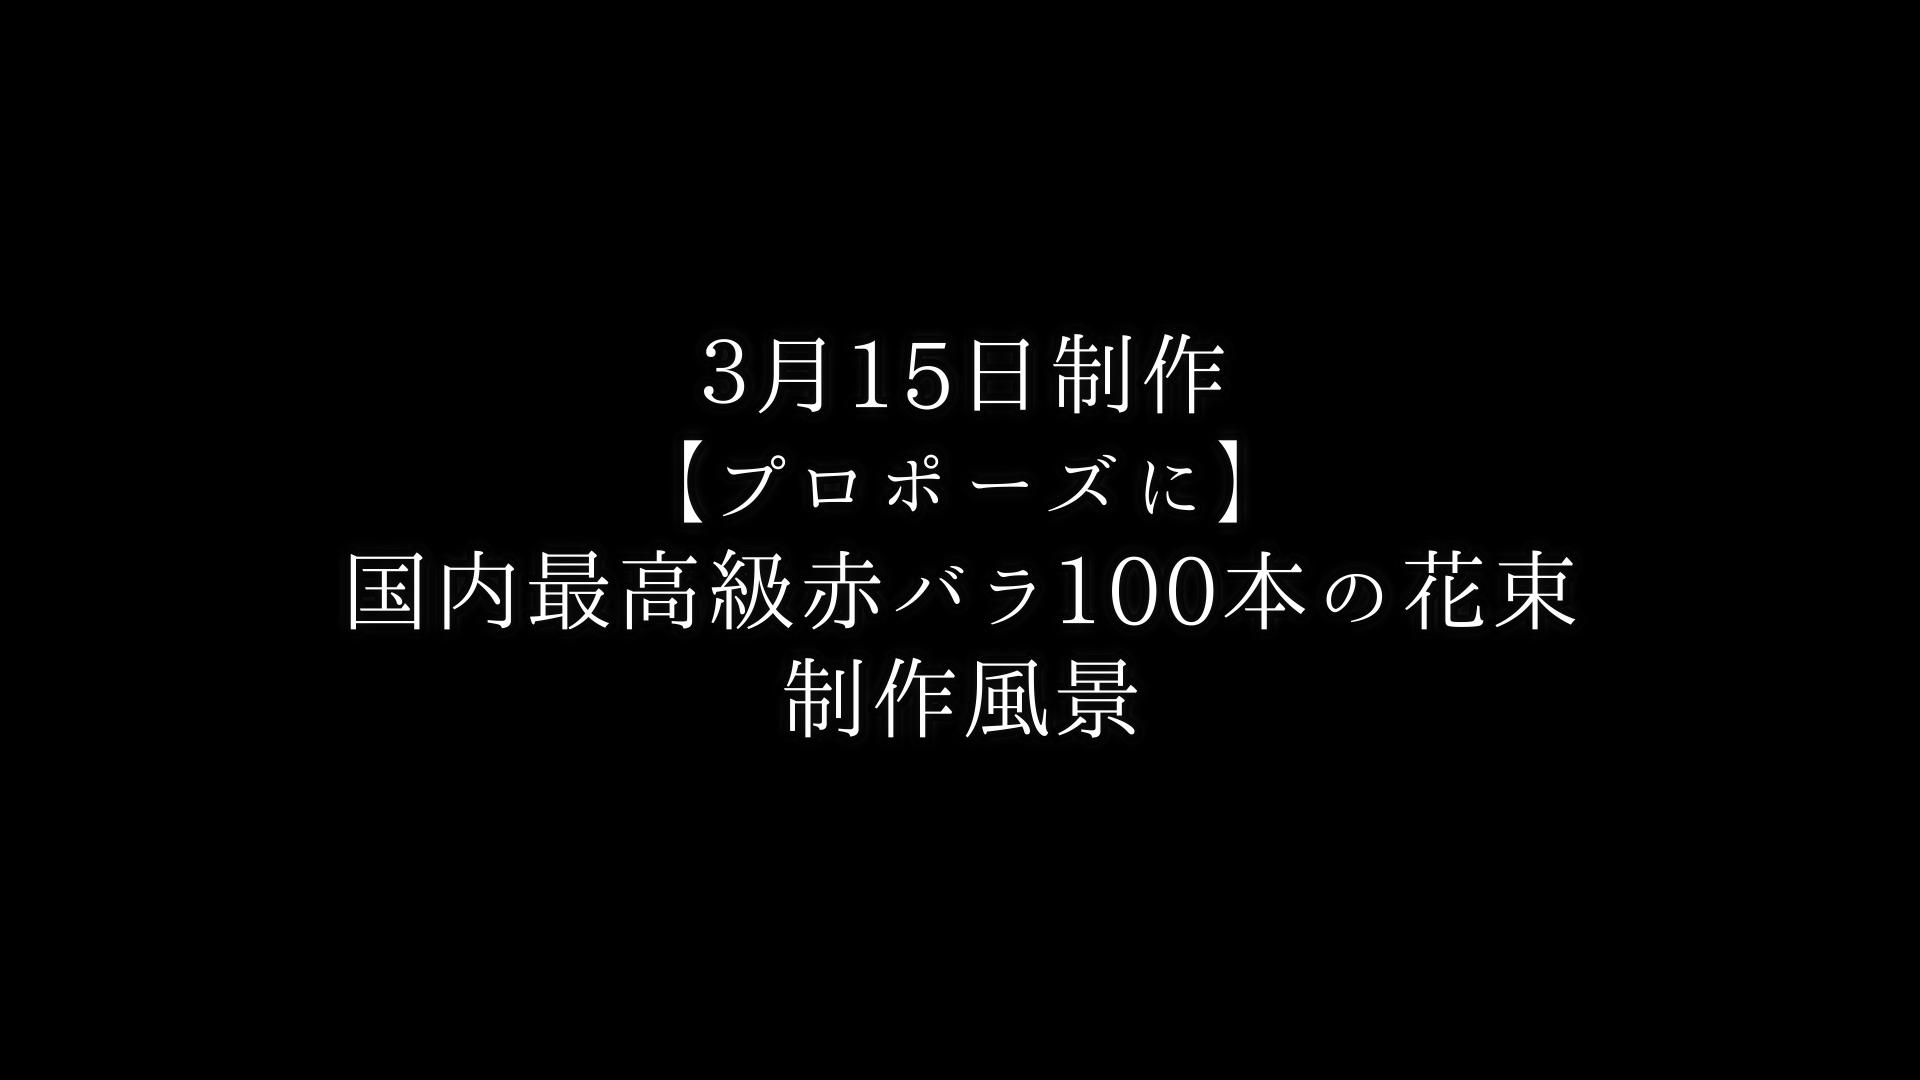 【プロポーズに】バラ100本の花束制作動画 2021/03/15撮影